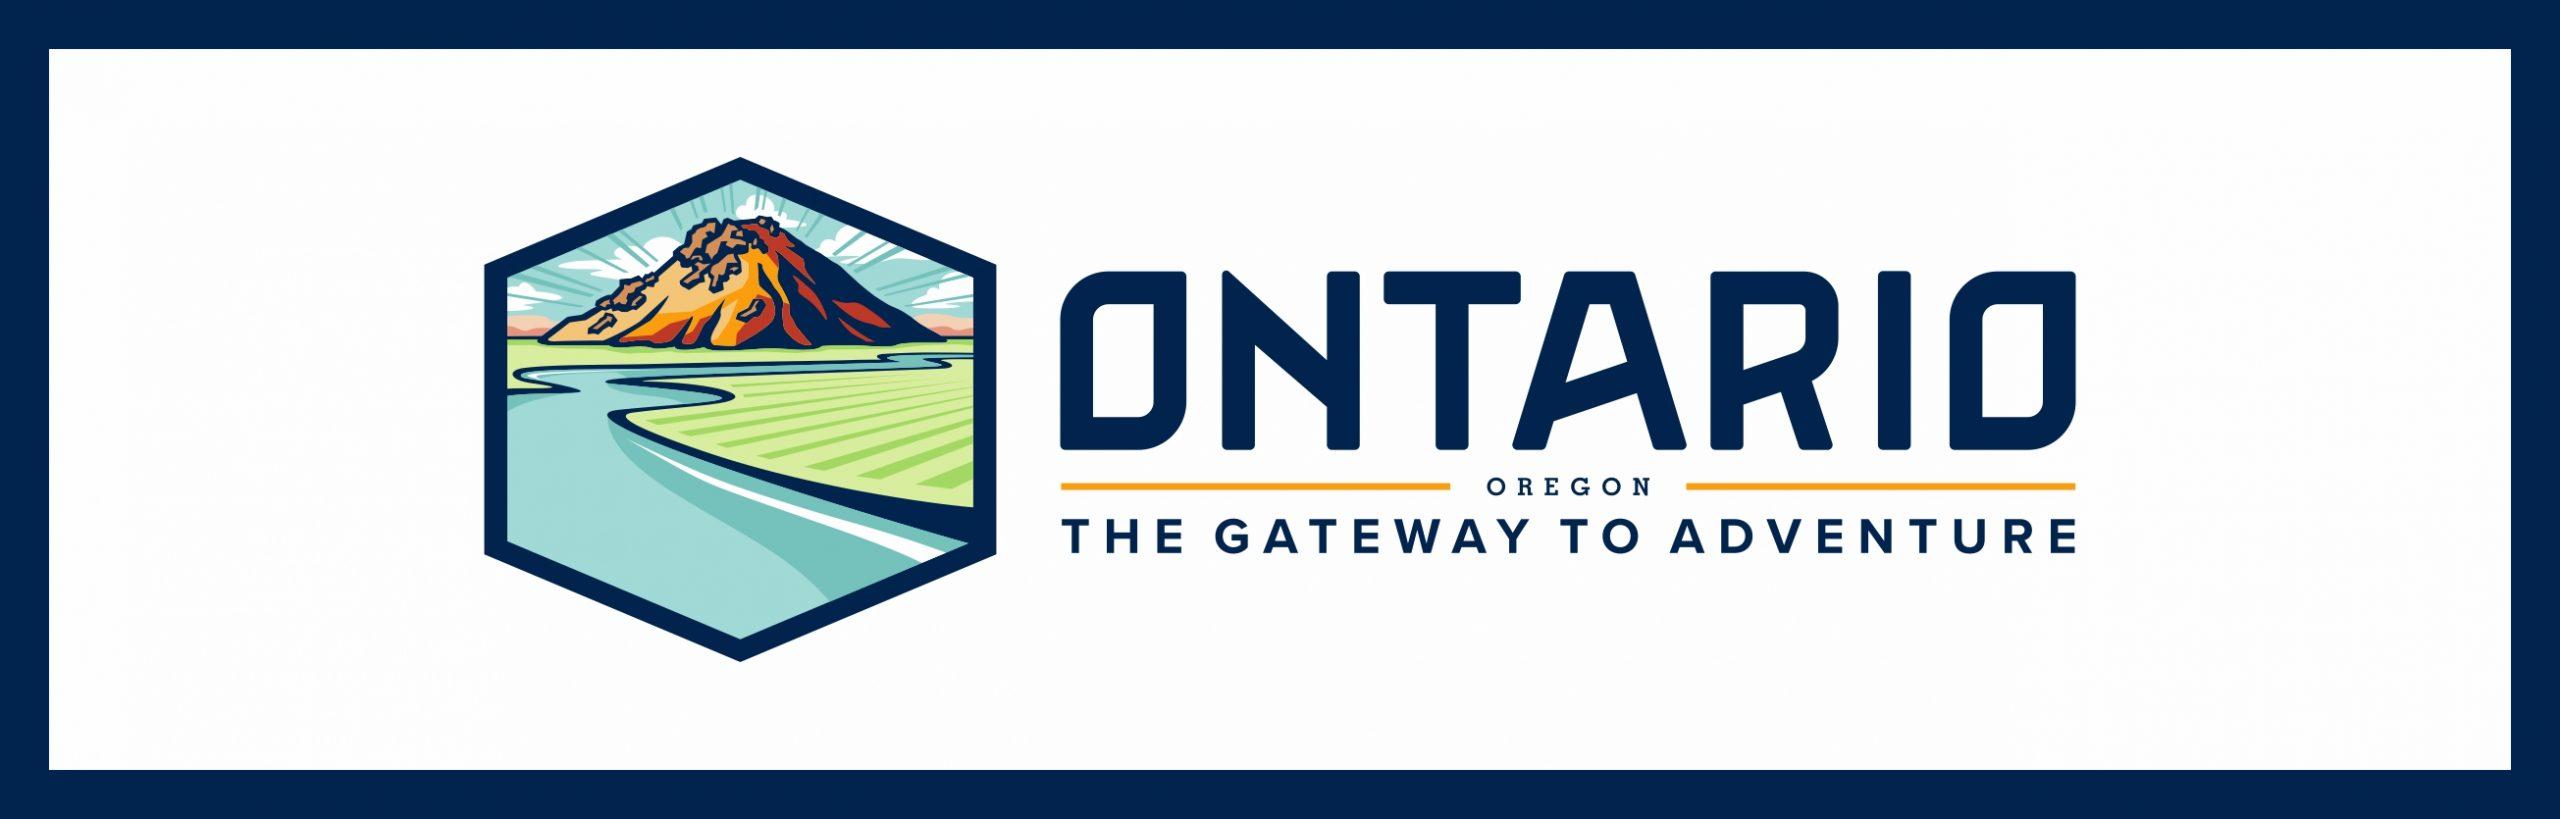 Ontario, Oregon Logo Design